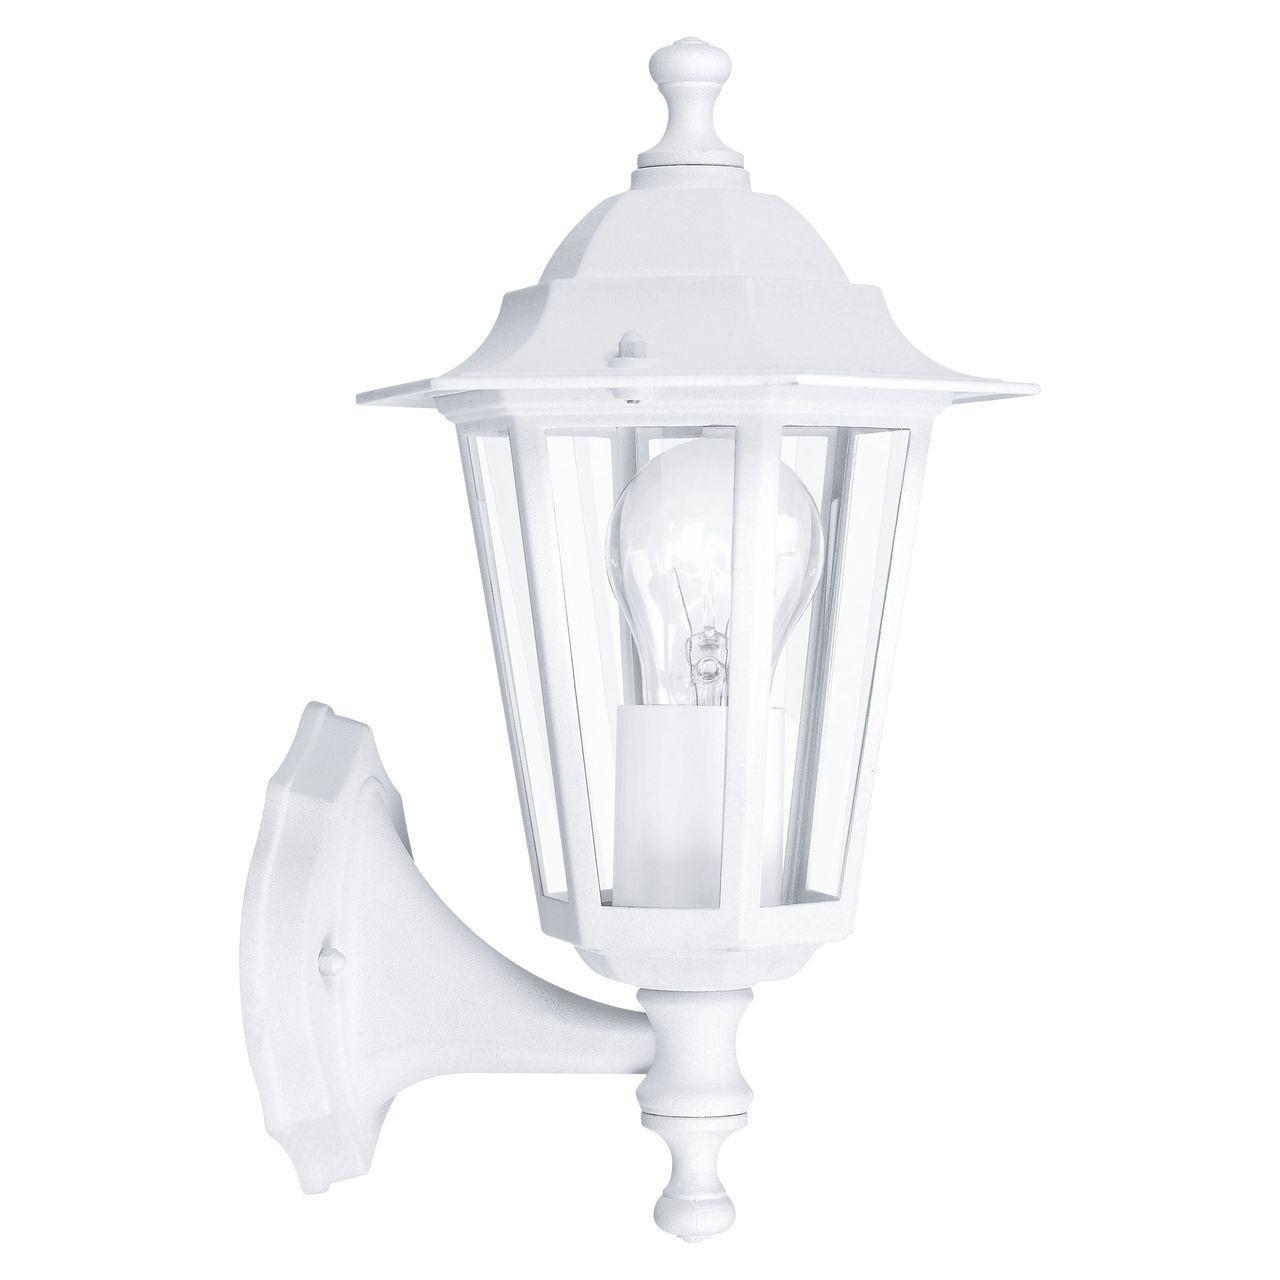 уличные светильники для дачи белого цвета фото такие, которые